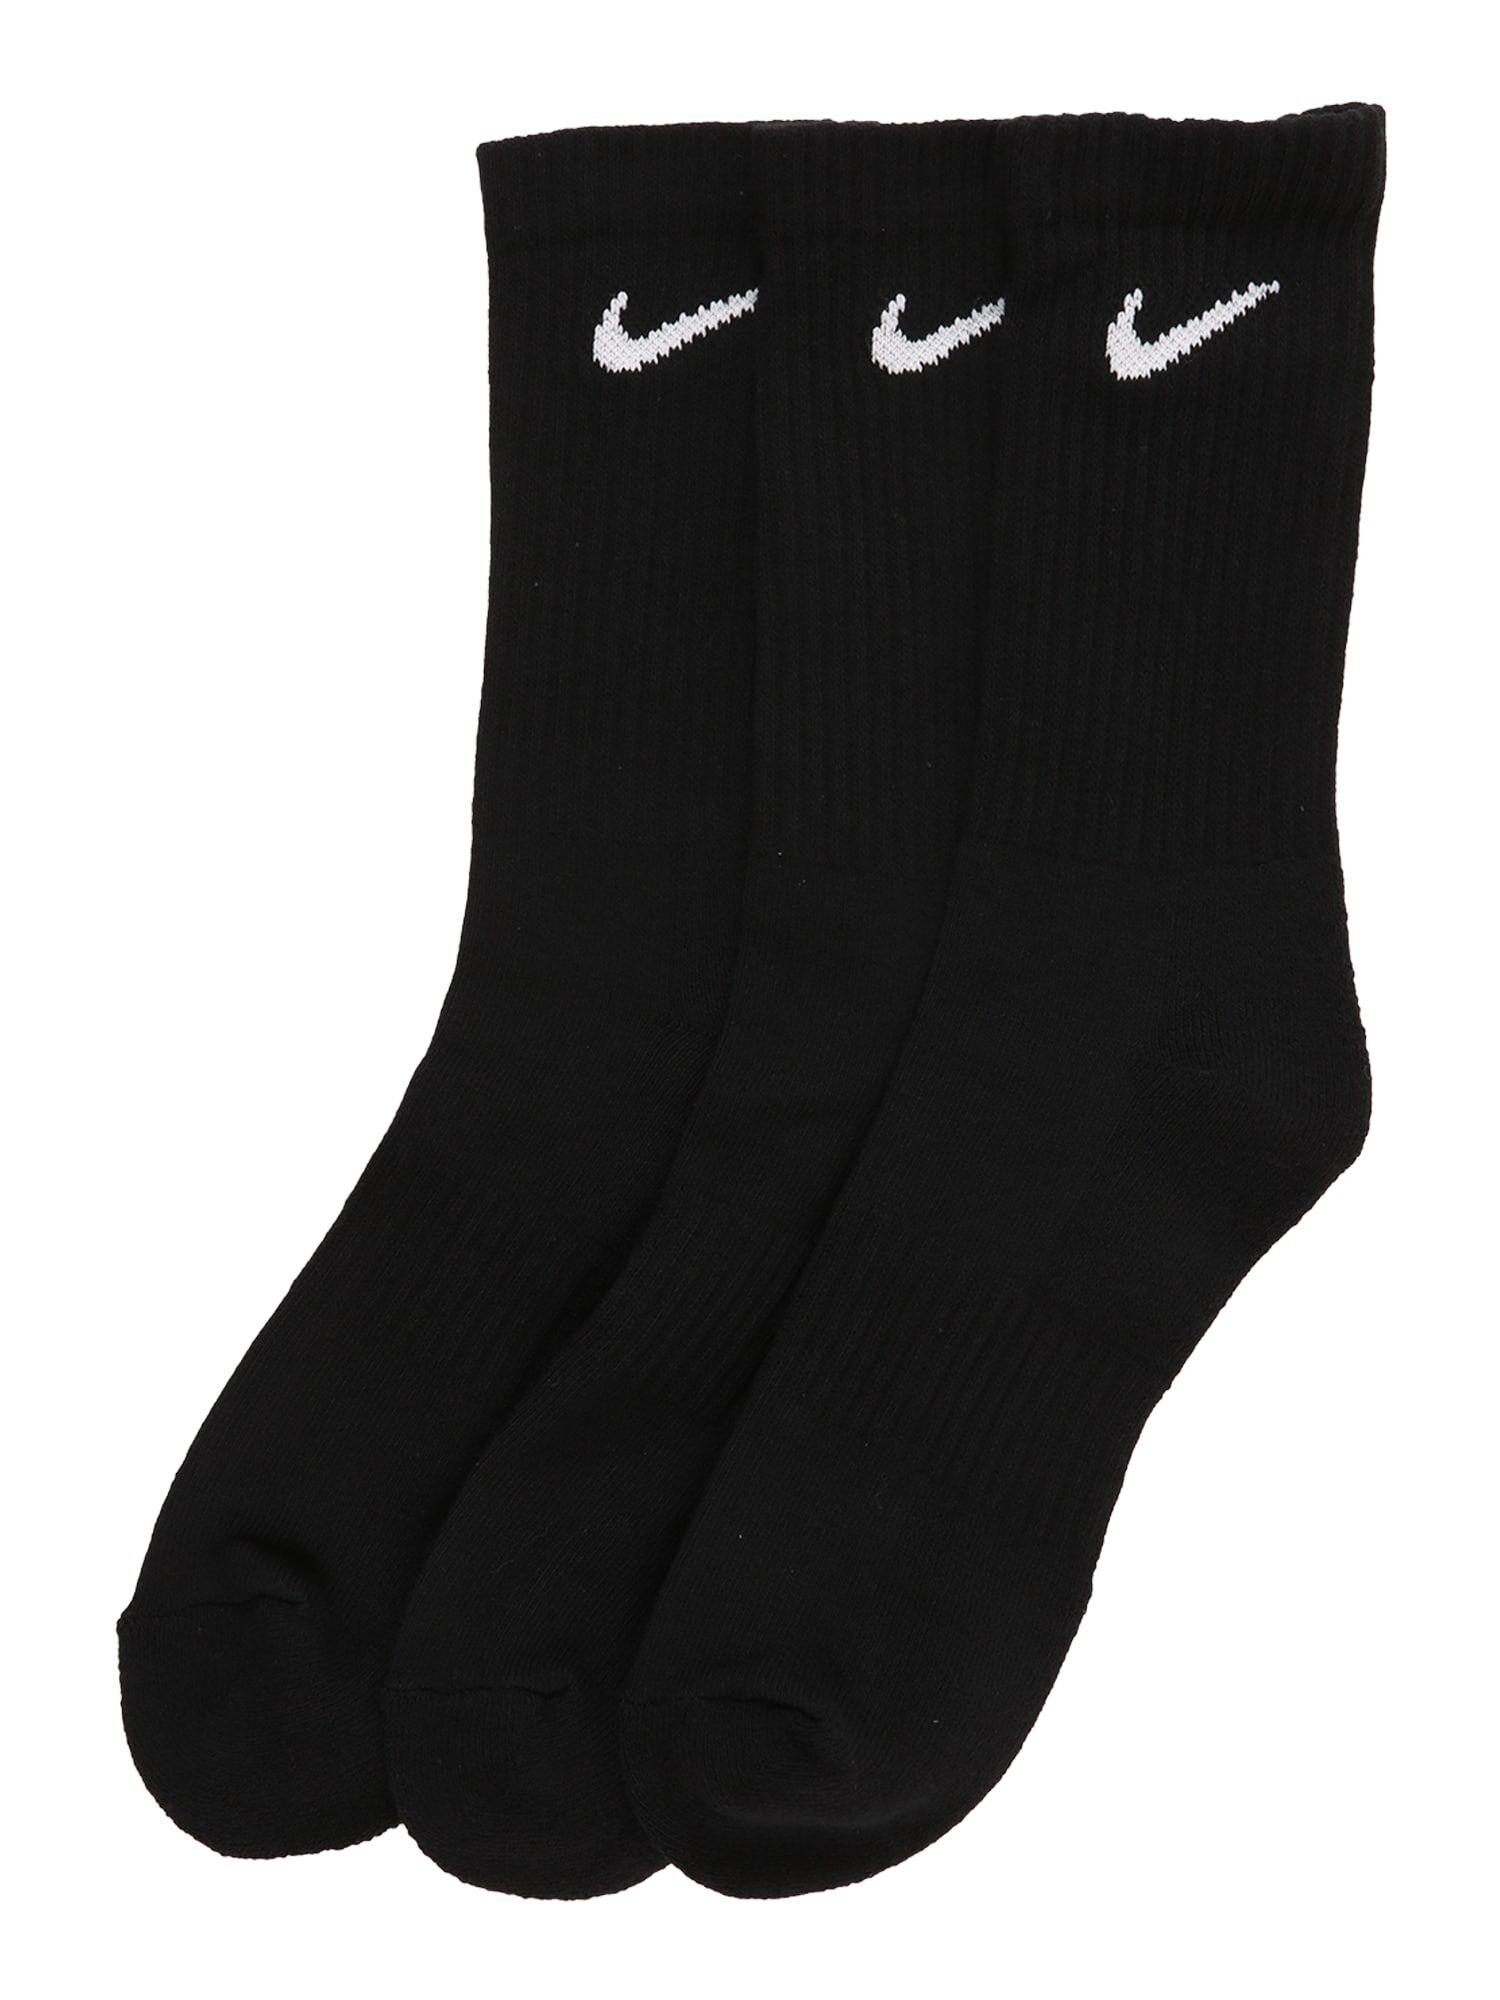 NIKE Chaussettes de sport  - Noir - Taille: 46-50 - male